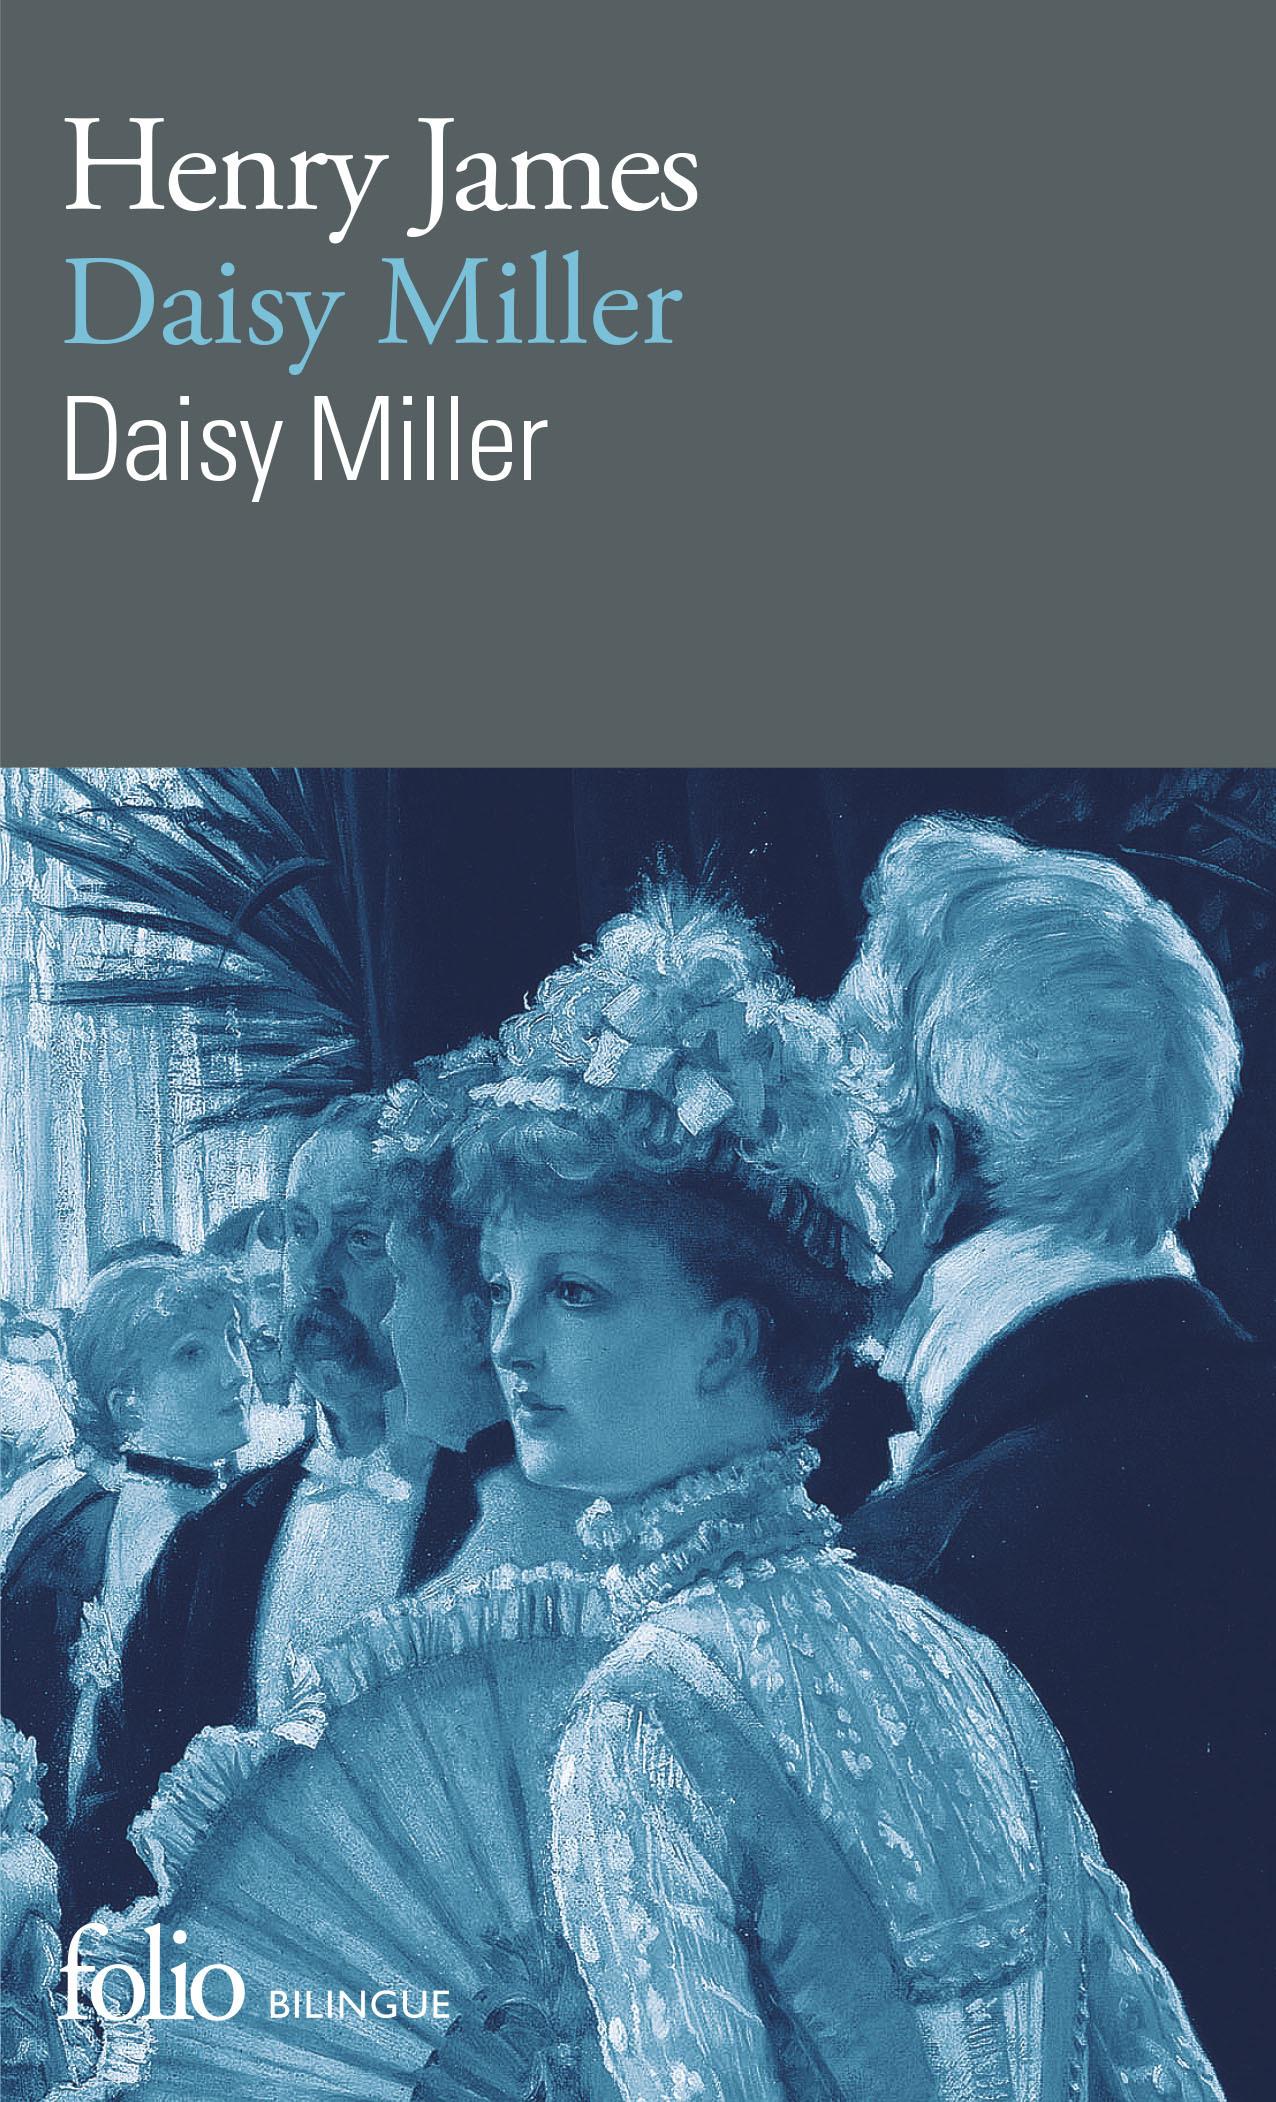 DAISY MILLER/ DAISY MILLER